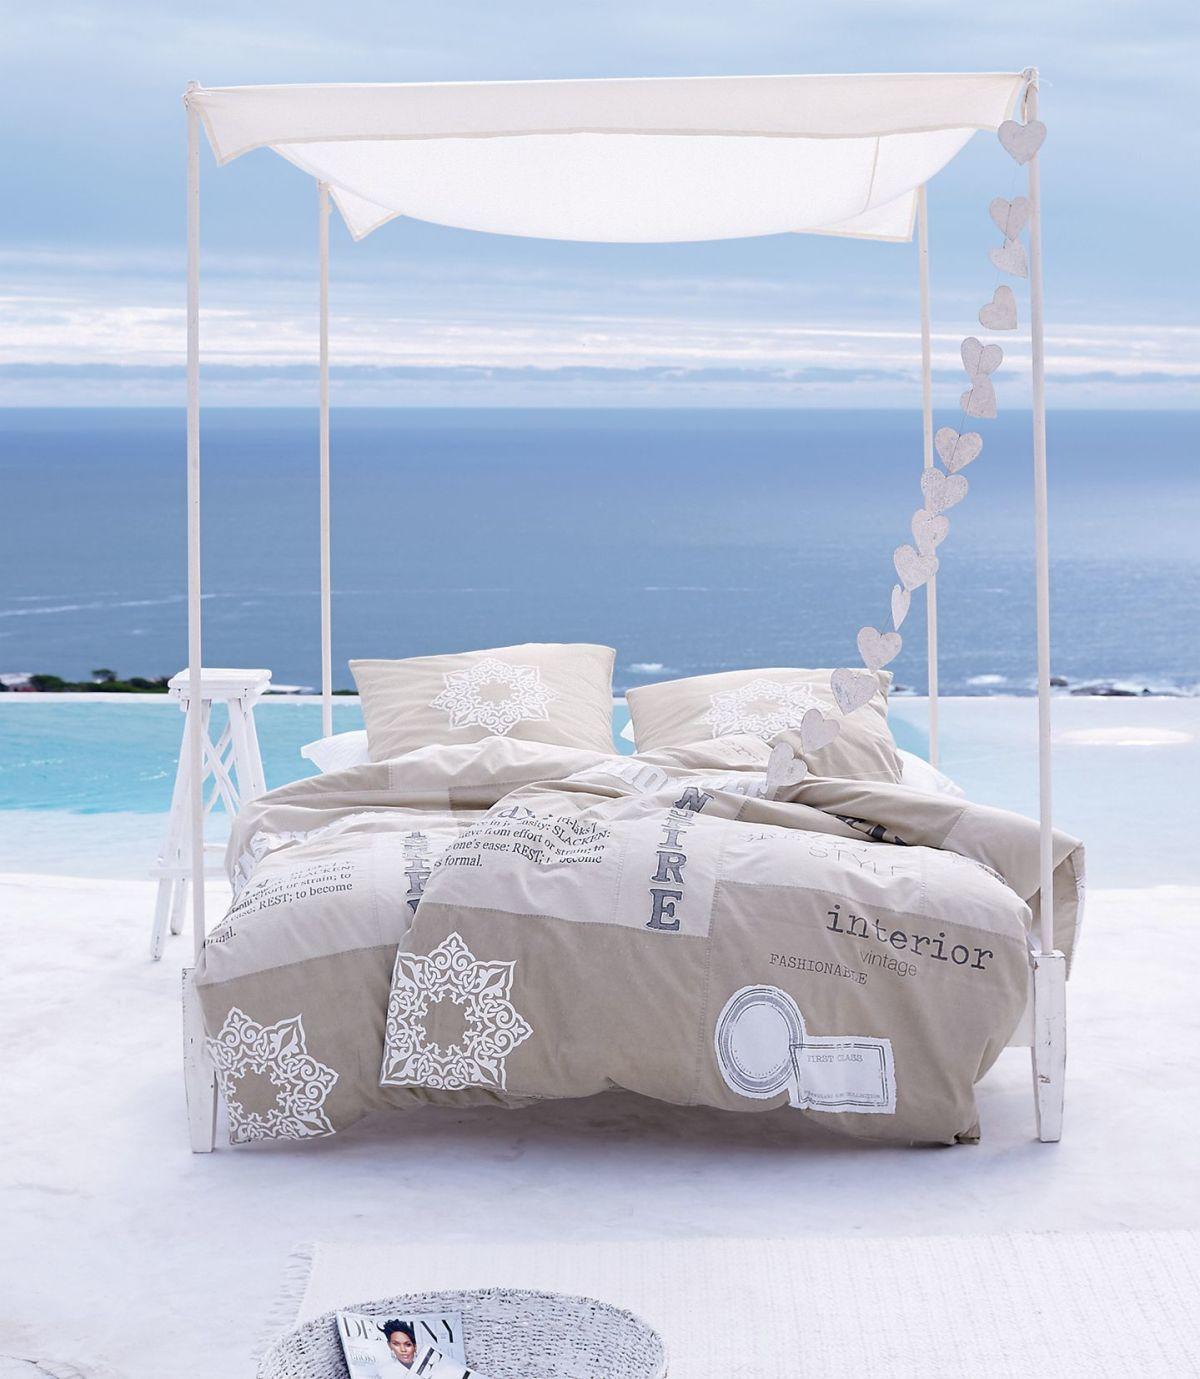 Produkte aus Betten|Impressionen|Meine Wunschliste